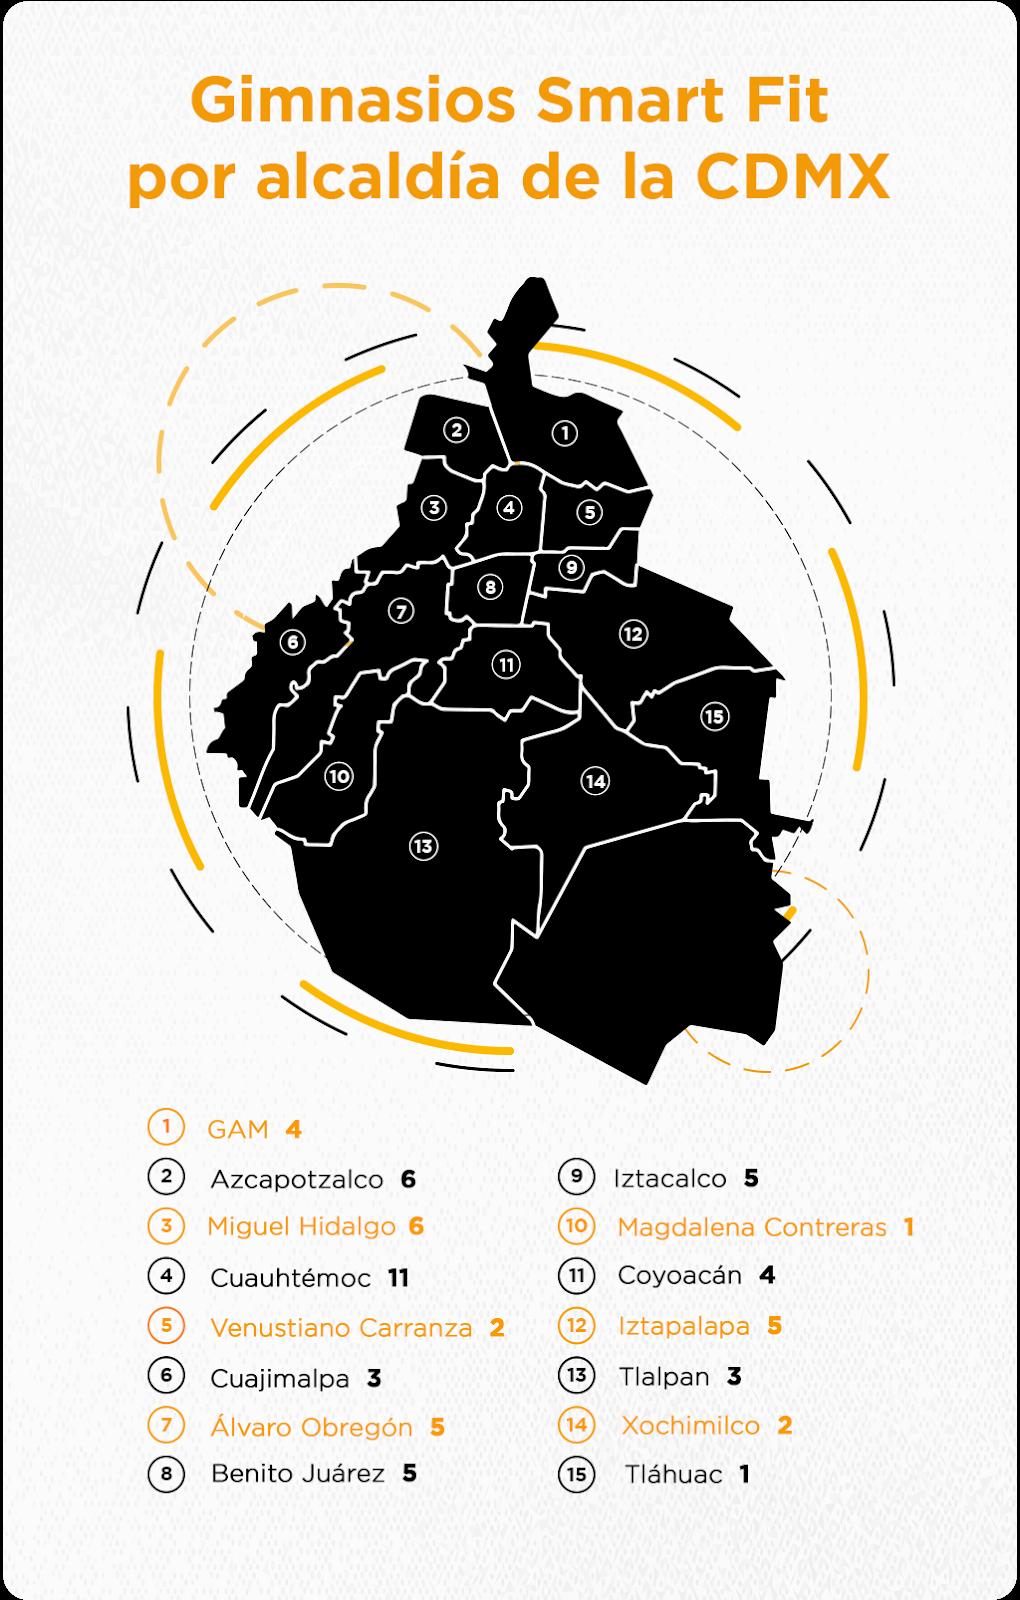 Mapa de la CDMX con los gimnasios Smart Fit por alcaldia